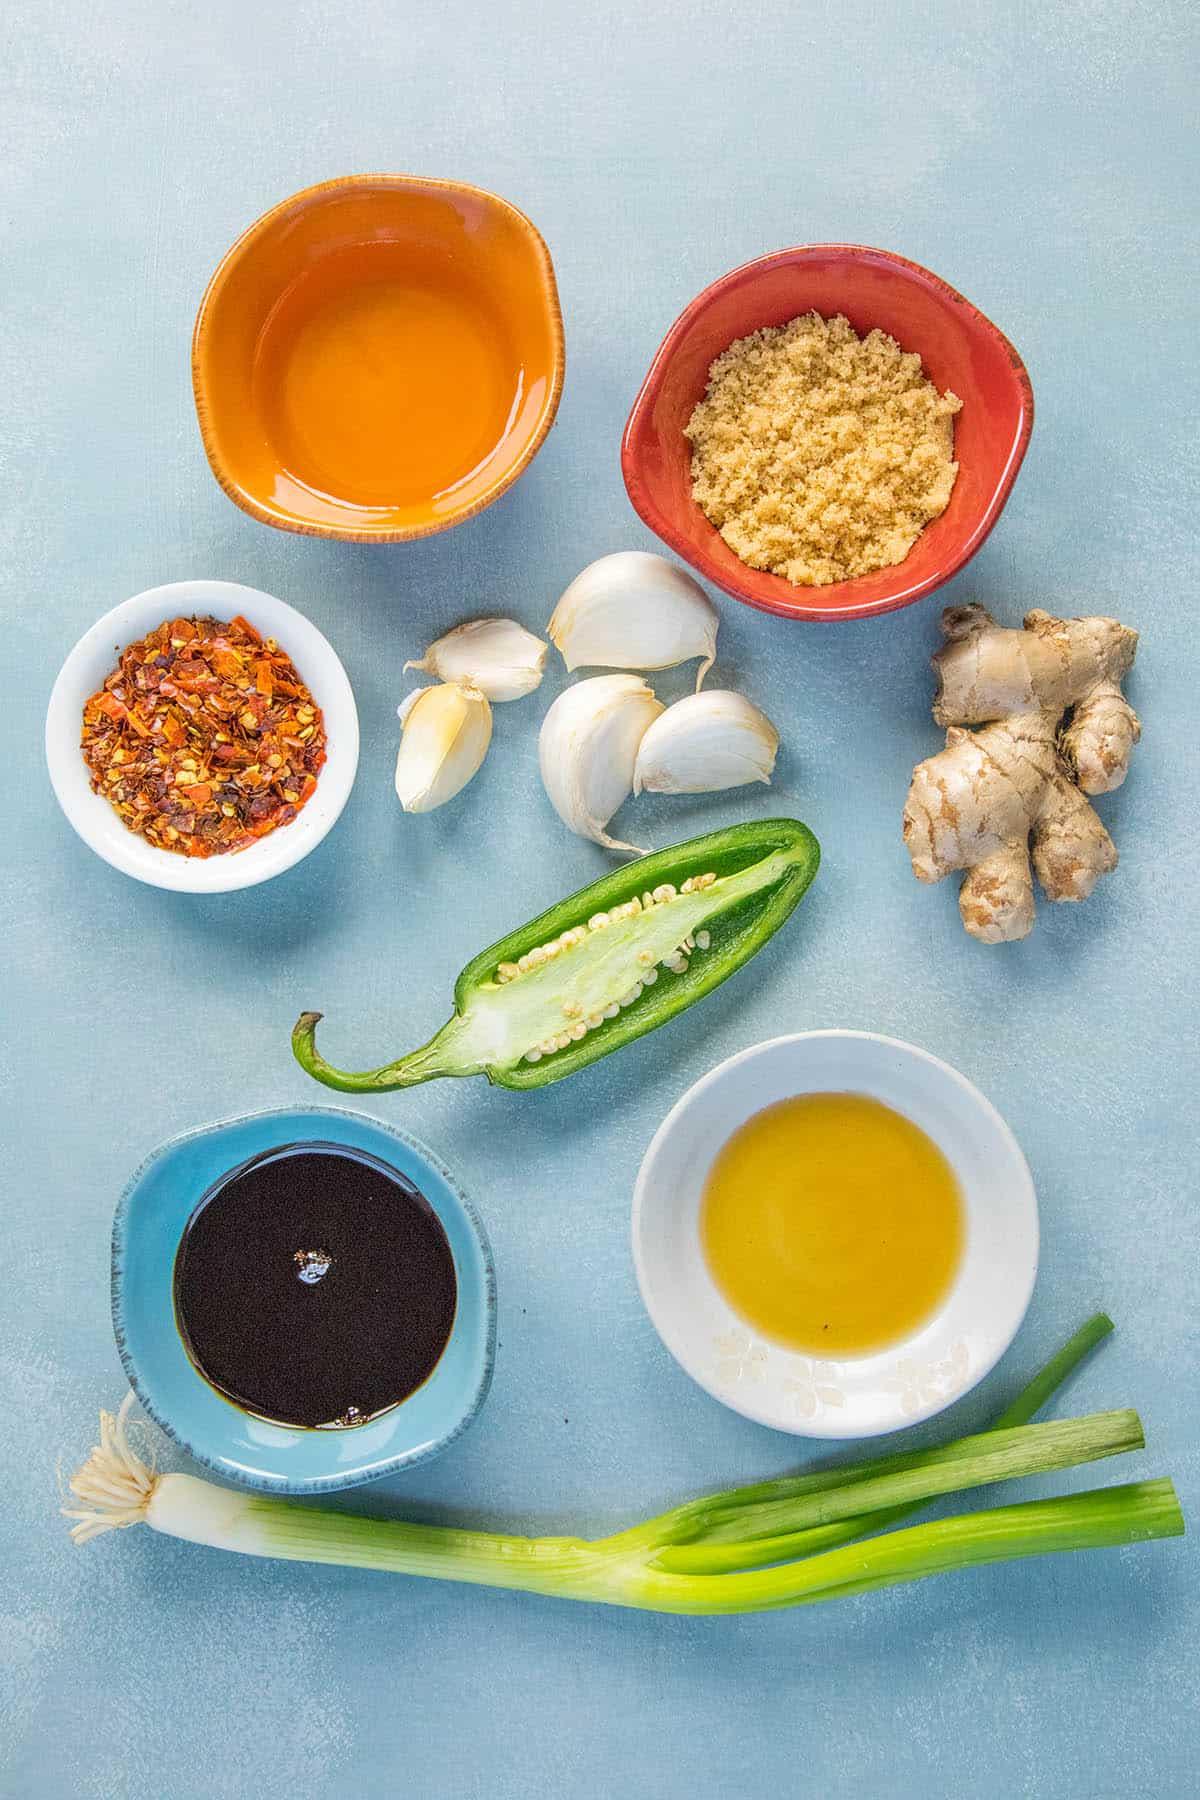 Teriyaki Marinade Ingredients